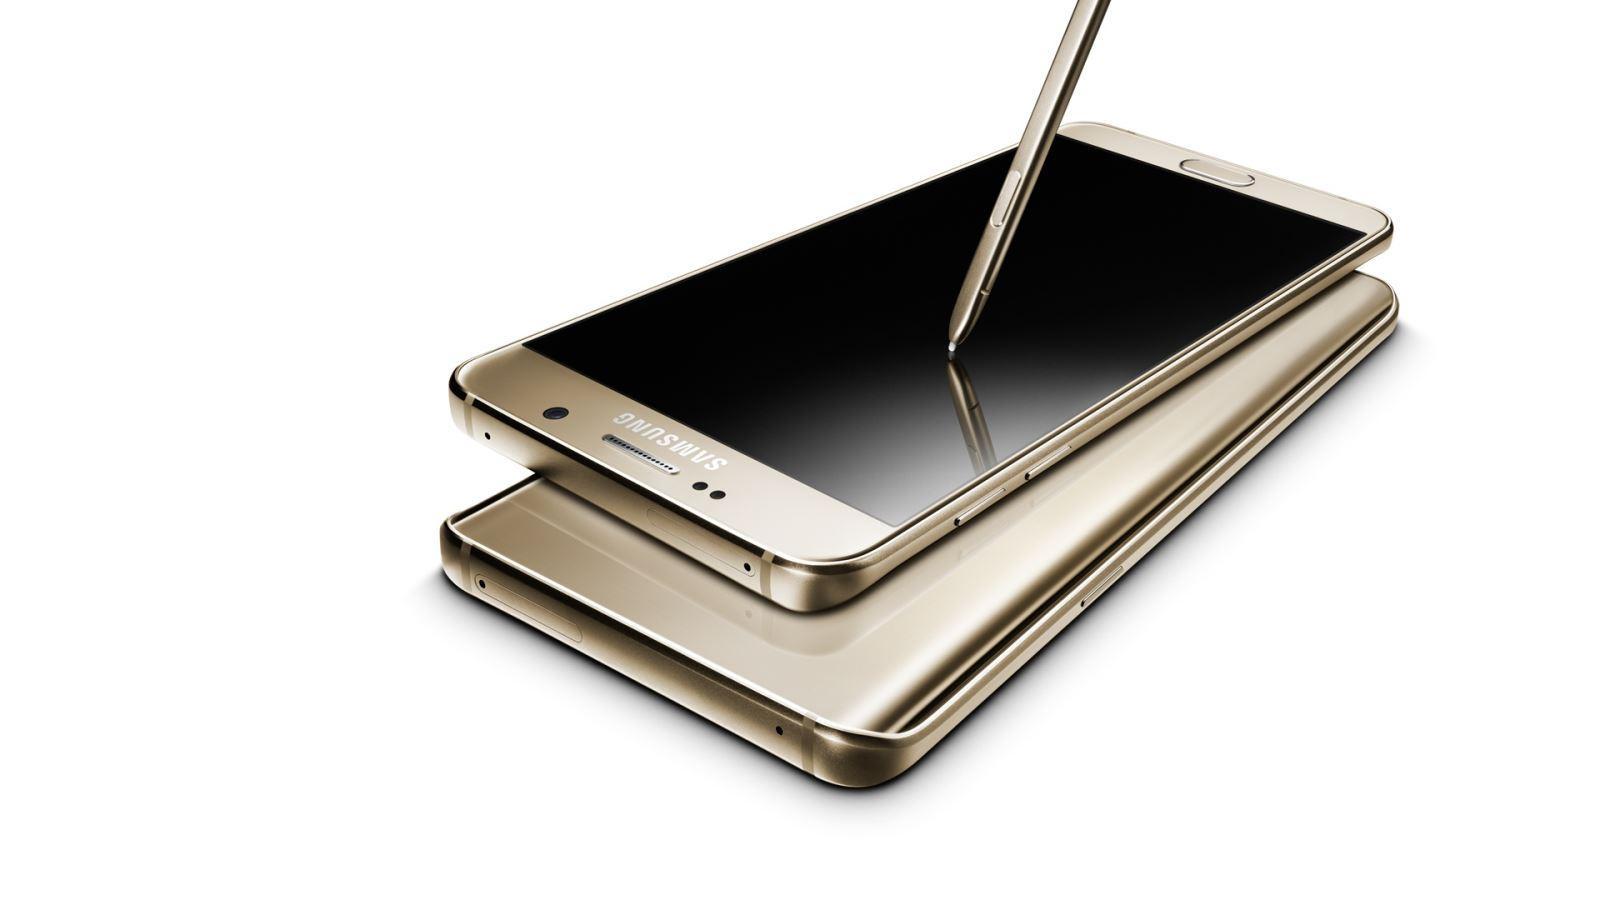 Rộ tin đồn Galaxy S7 sẽ dùng tới 3 phiên bản chip 4